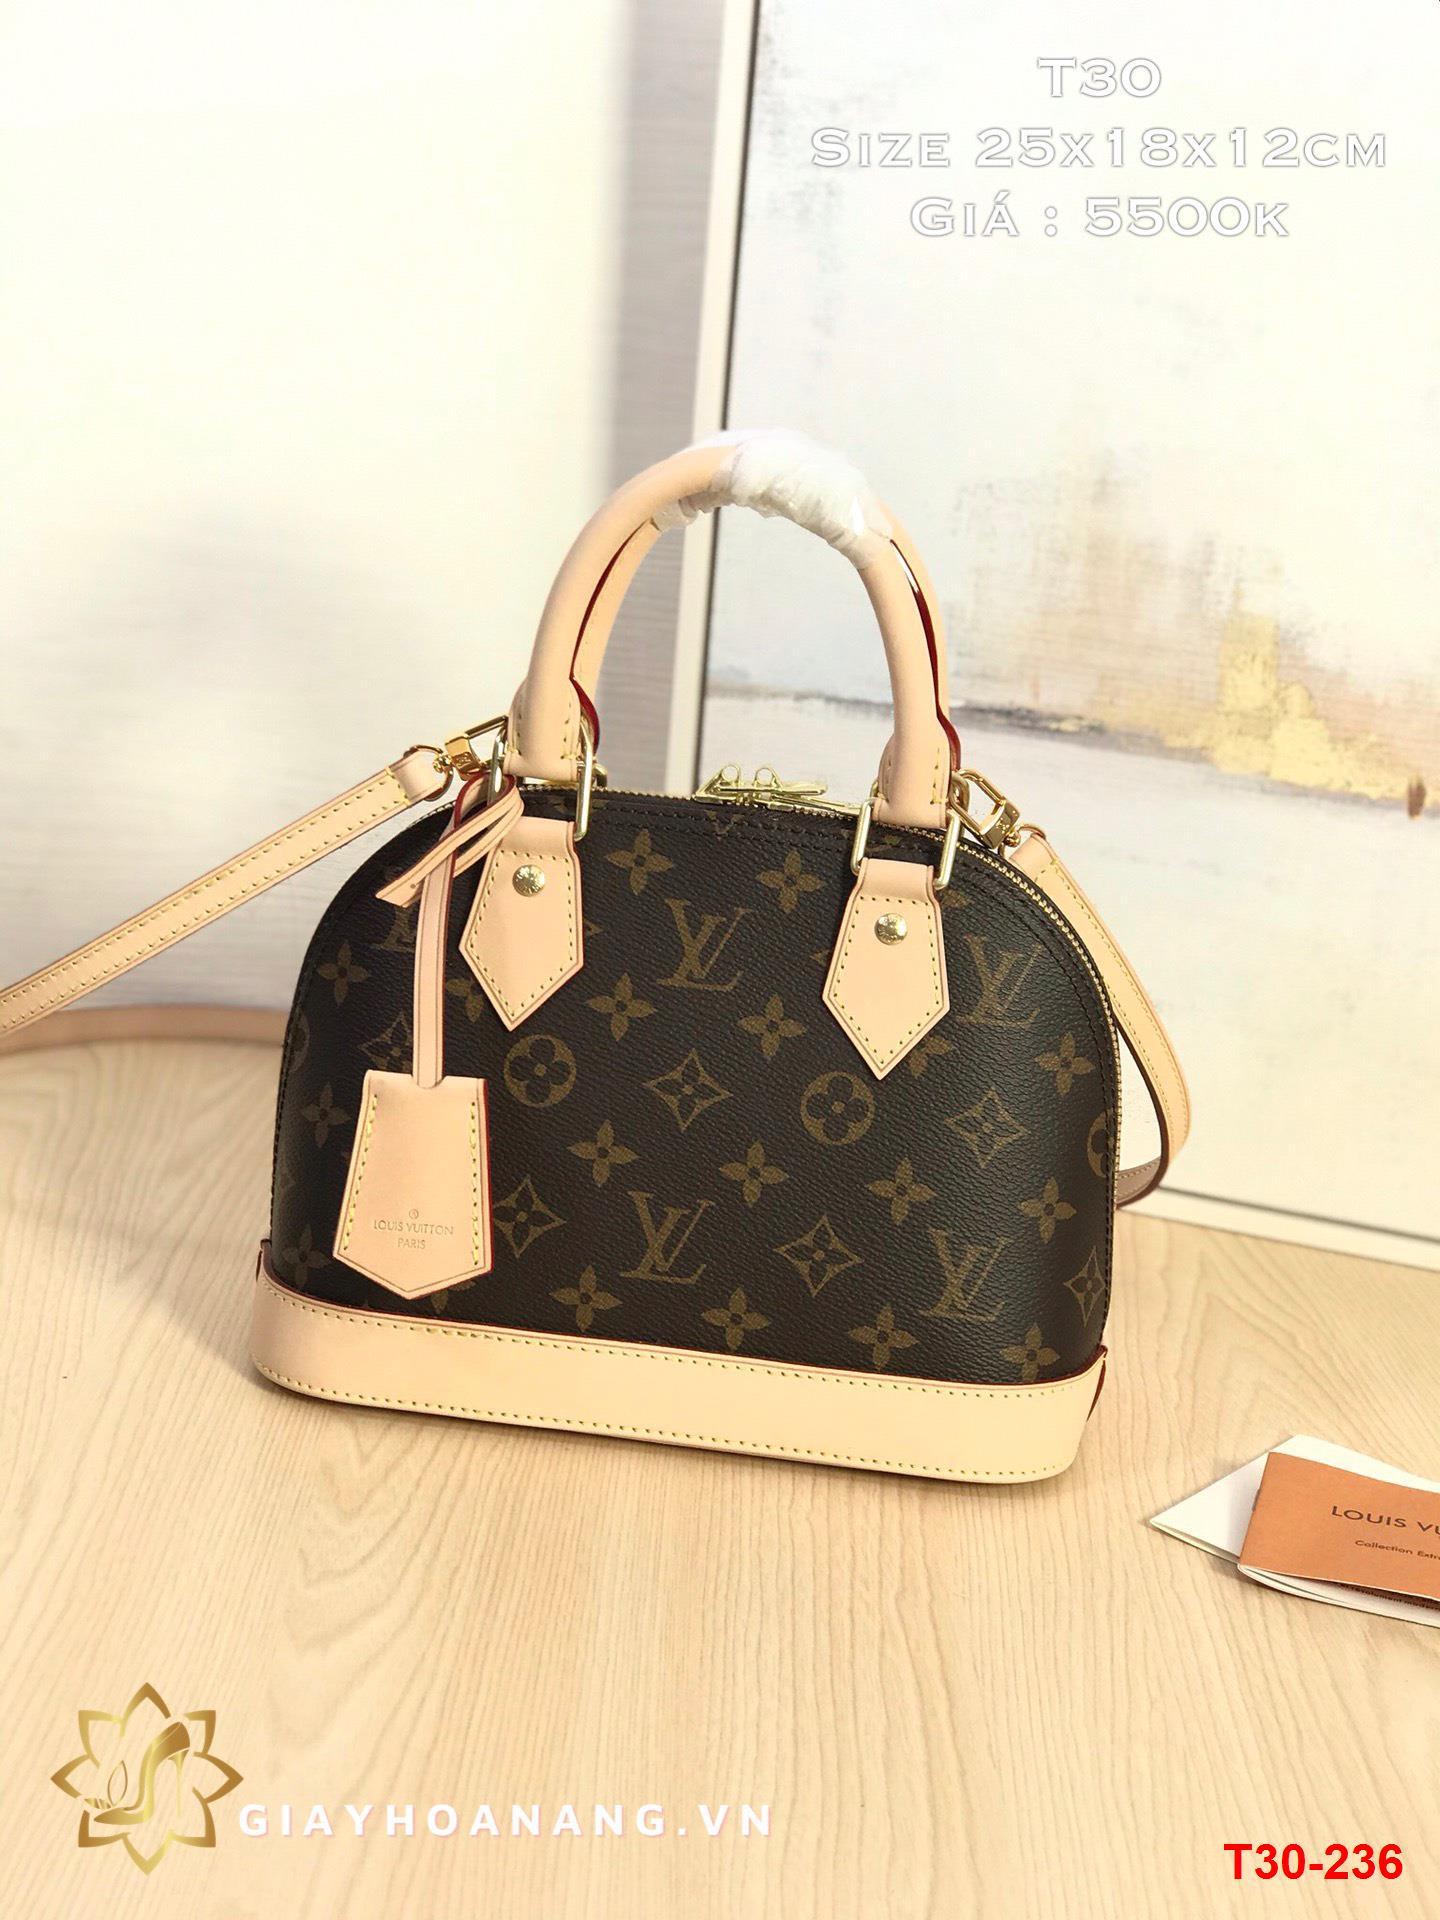 T30-236 Louis Vuitton túi size 25cm siêu cấp